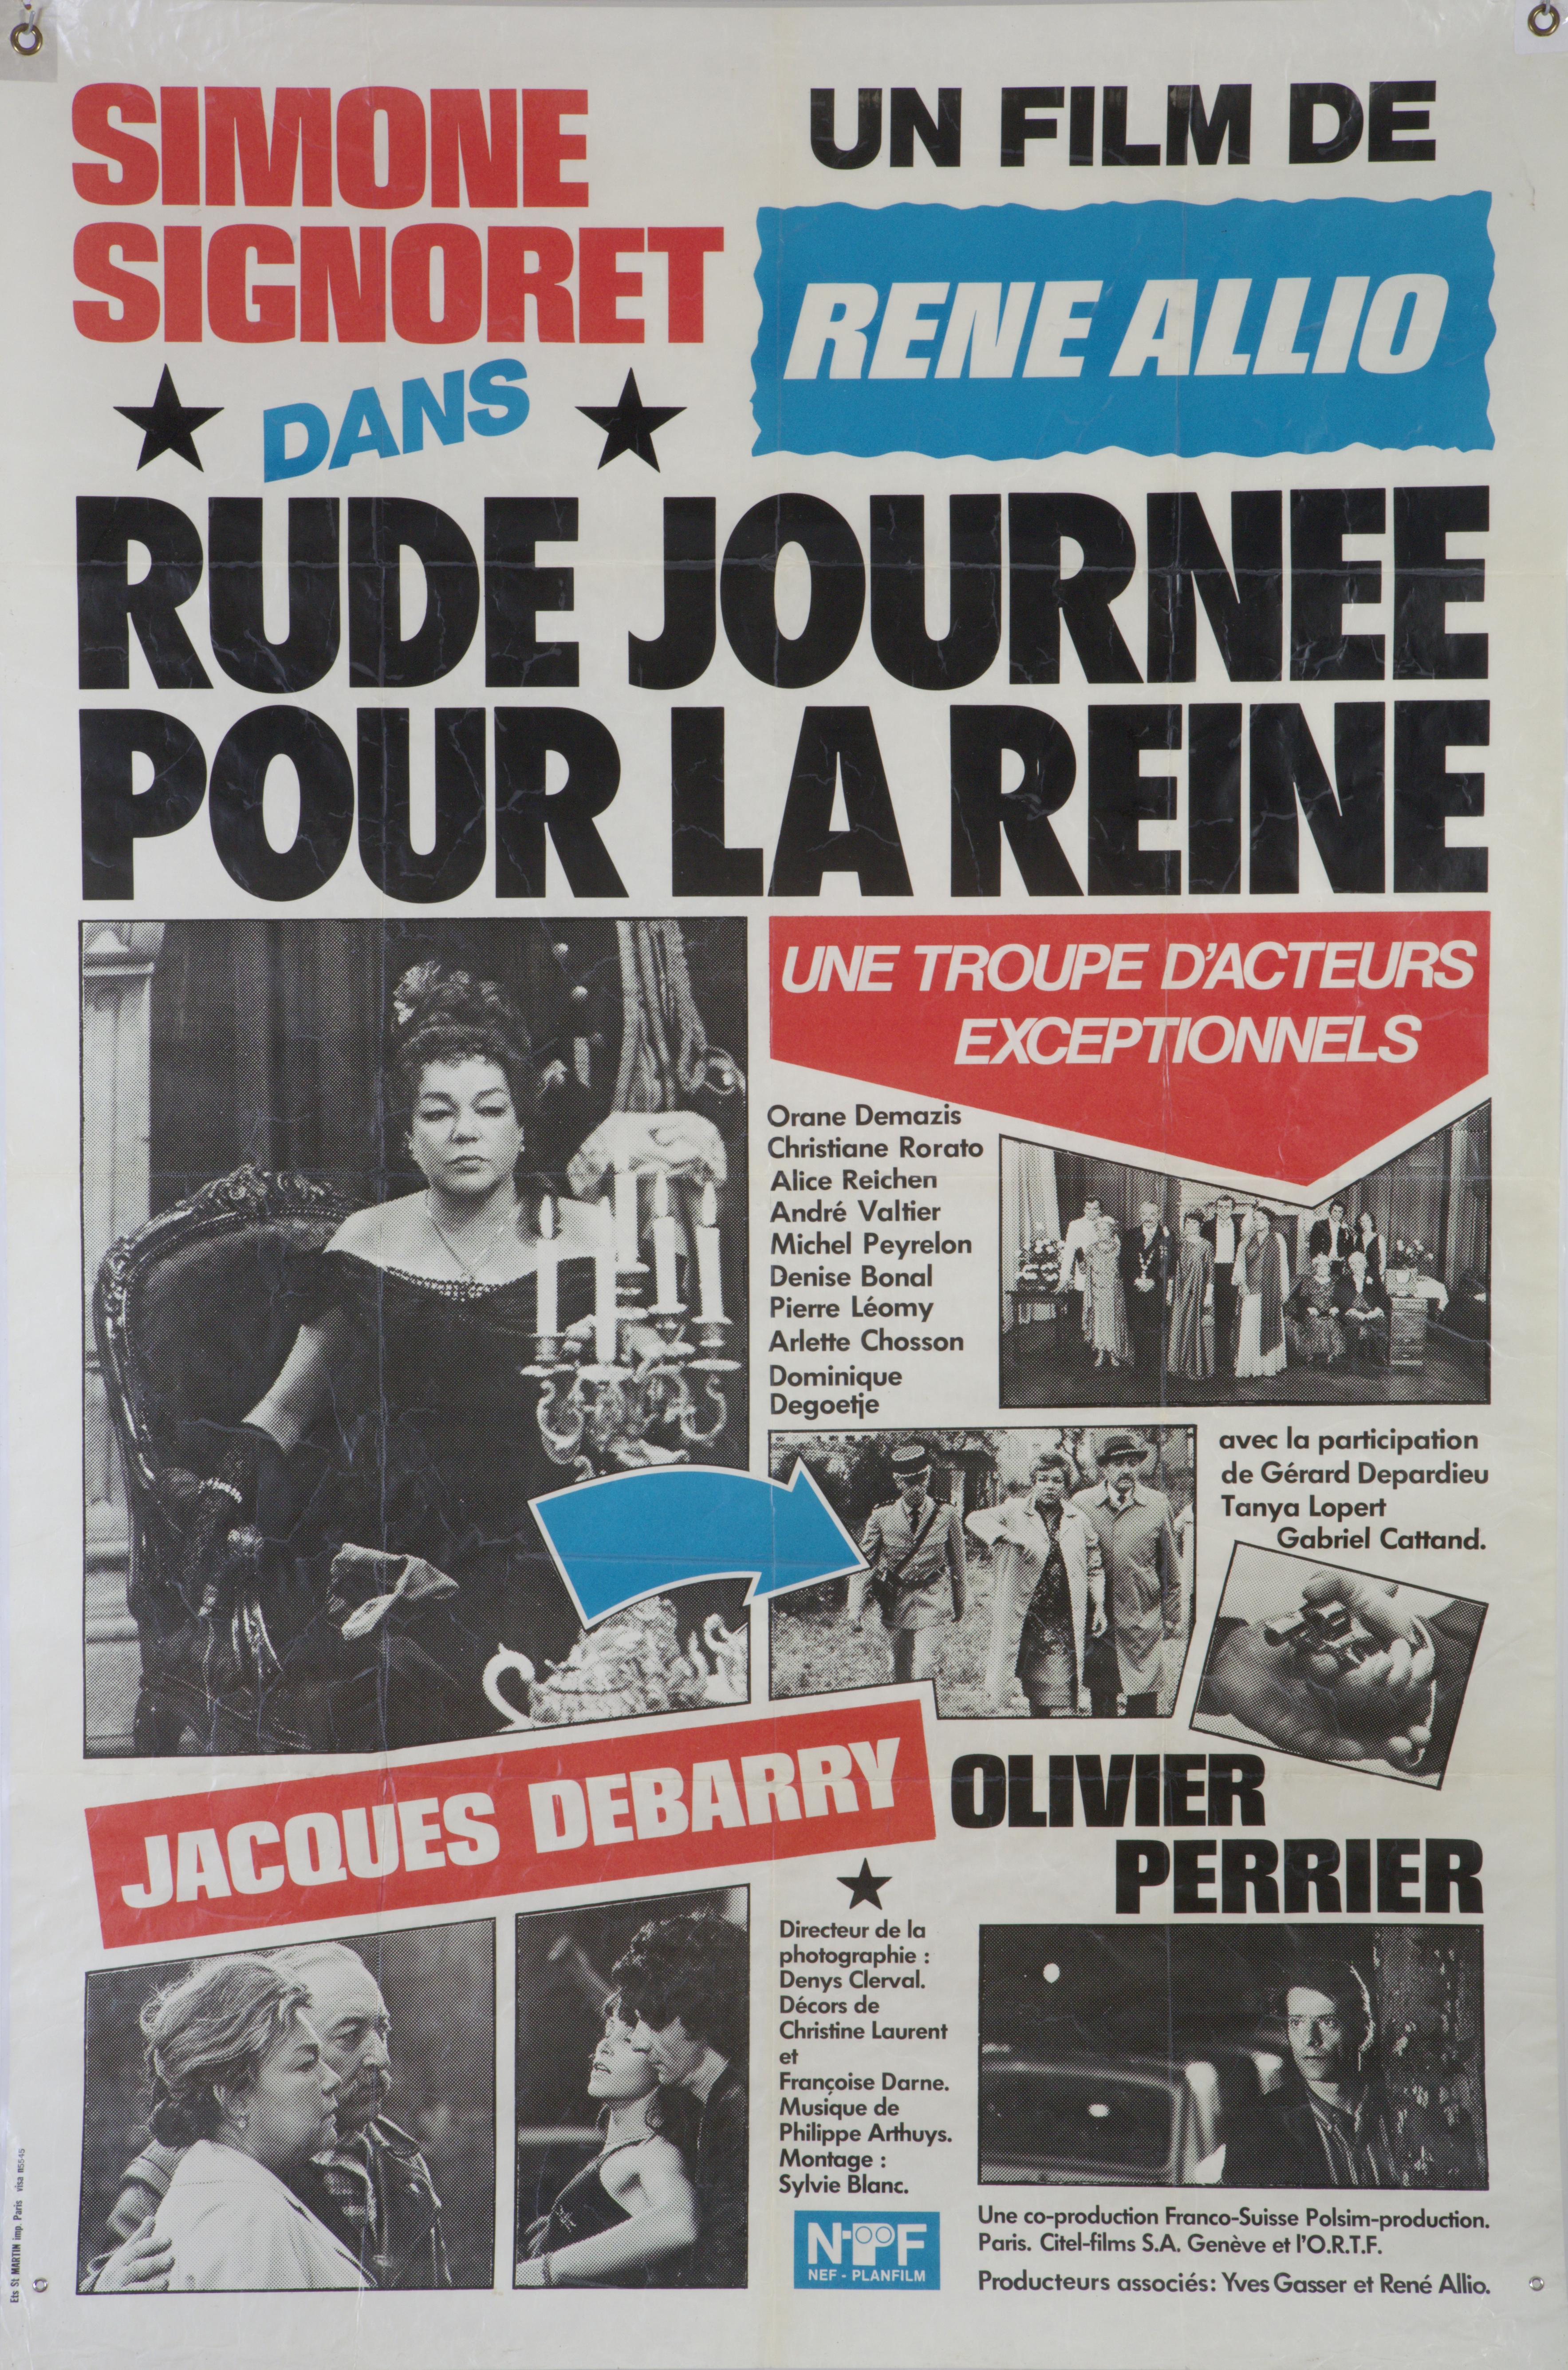 """Affiche """"Rude journée pour le Reine"""", film René de Allio, format 119 cm x 158 cm, fonds Annette Guillaumin"""